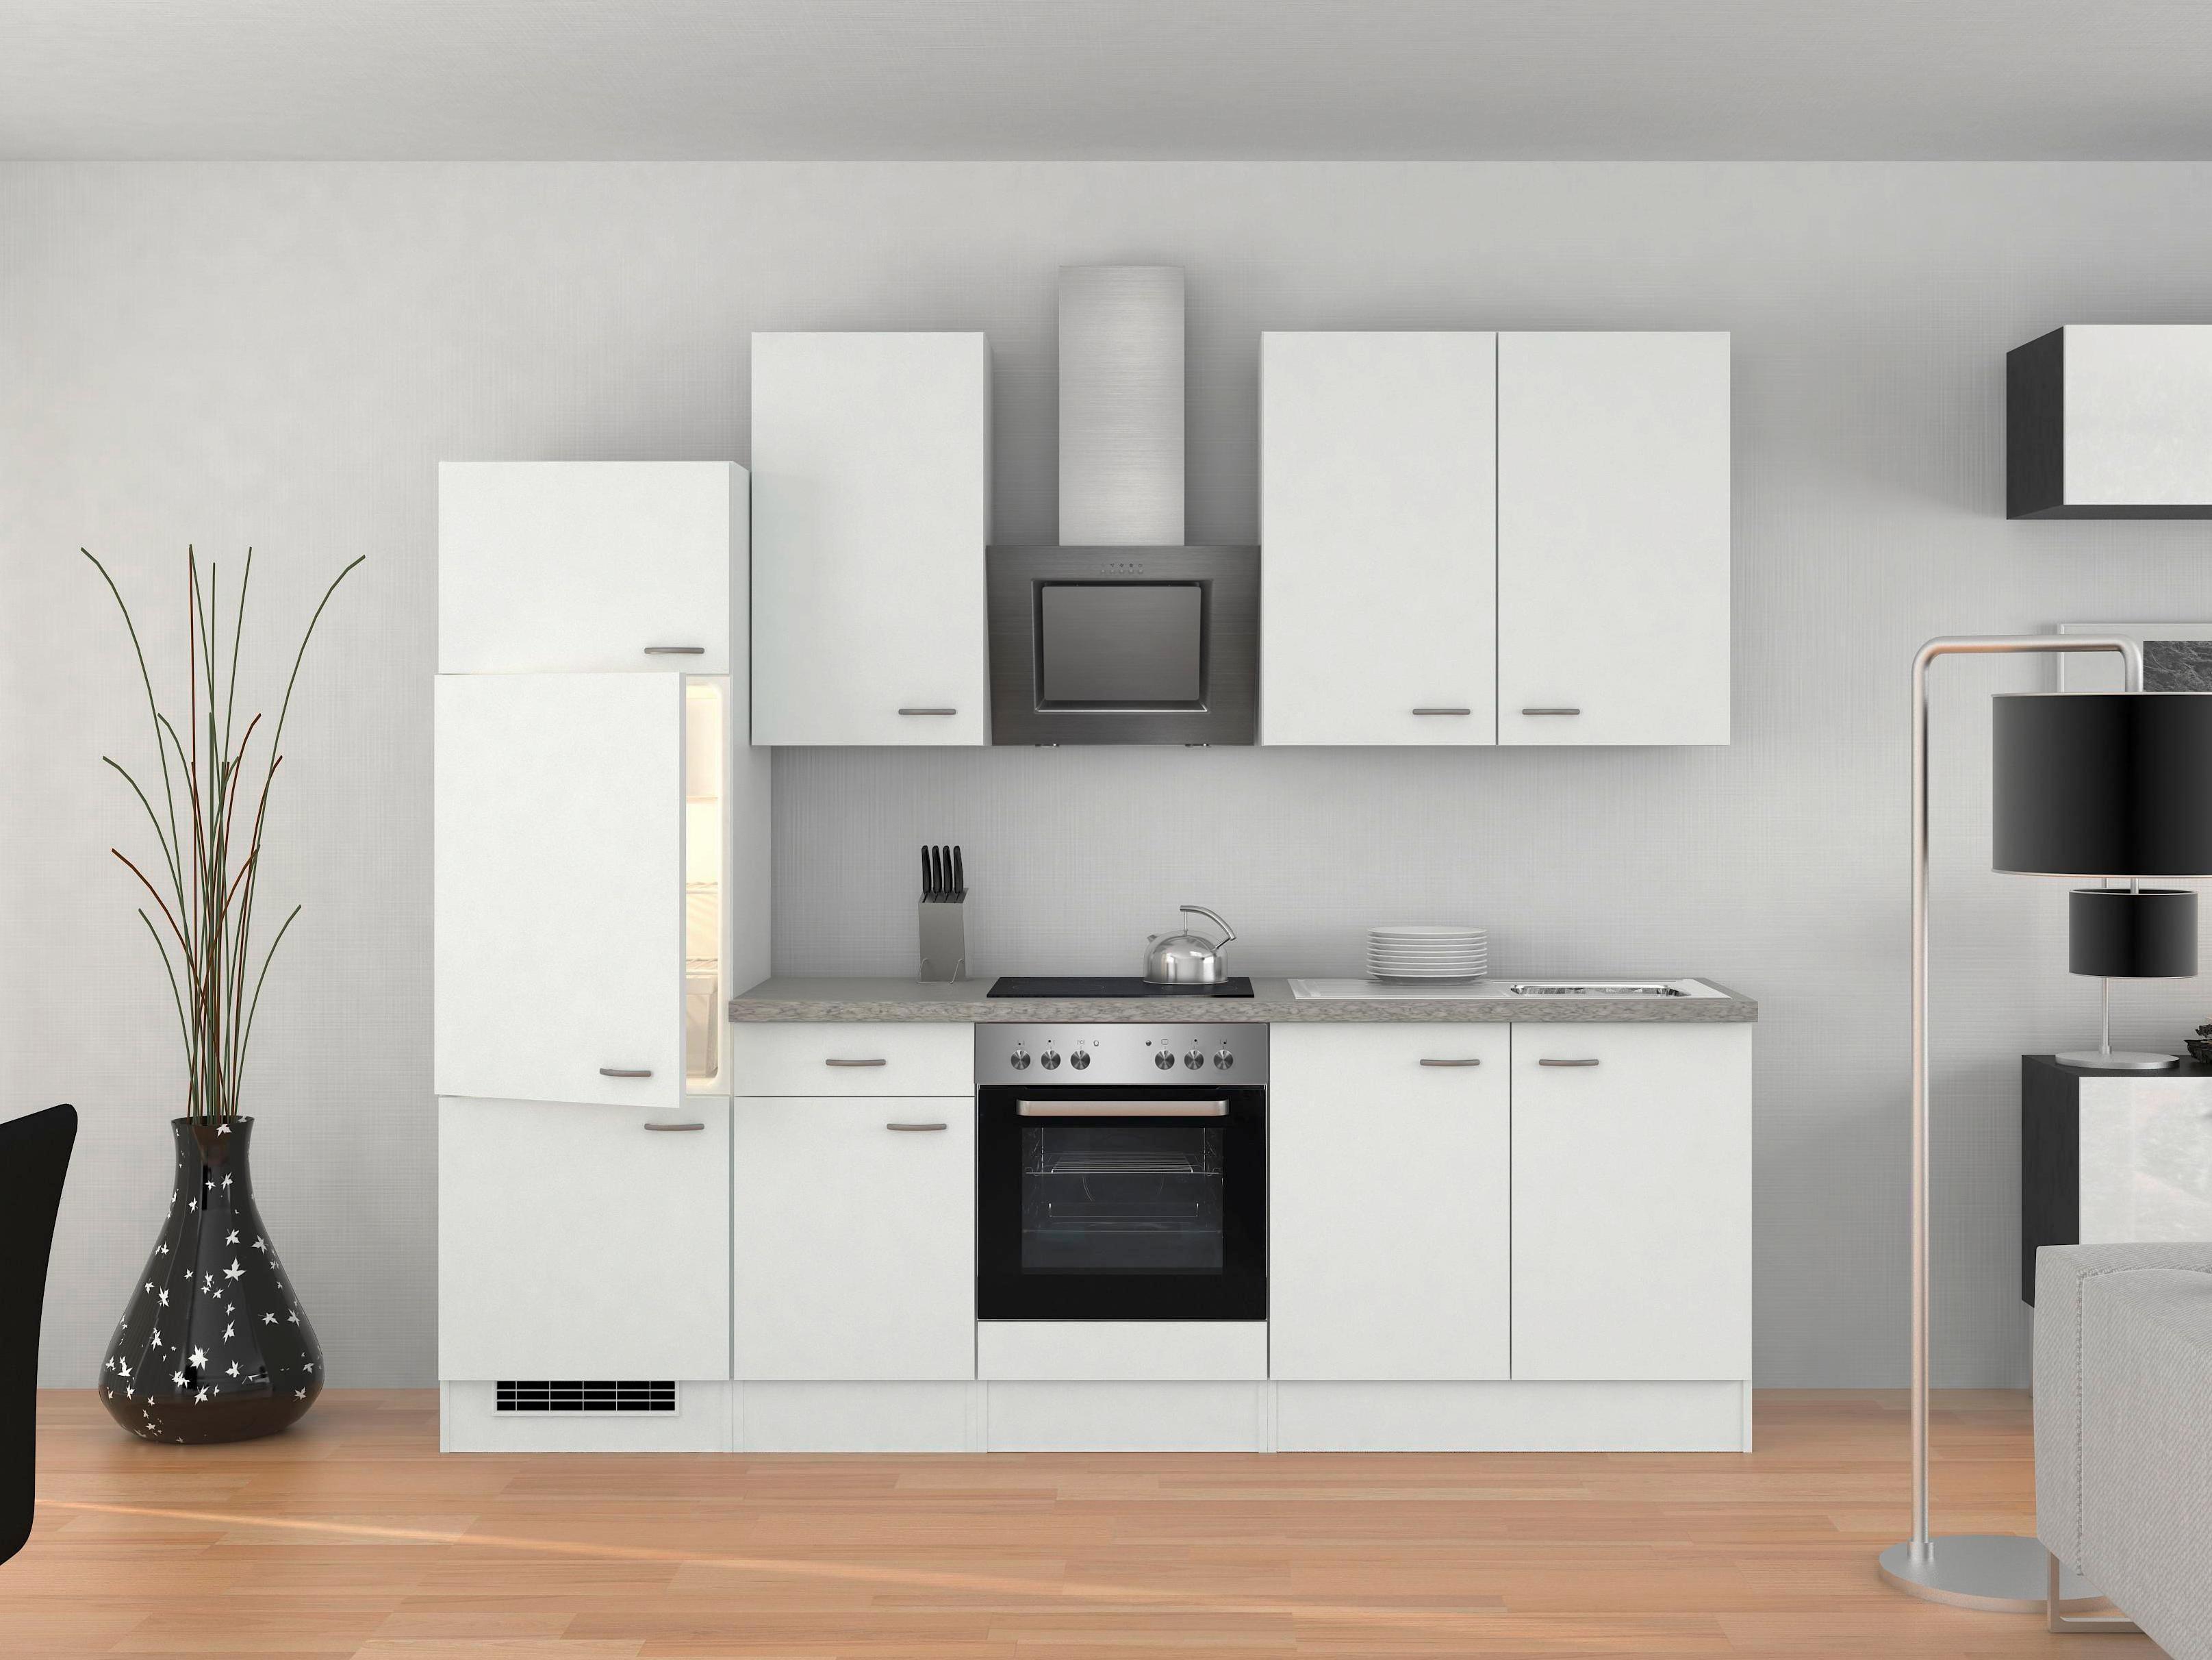 Küchenblock in Weiss inkl. Geräte und Spüle